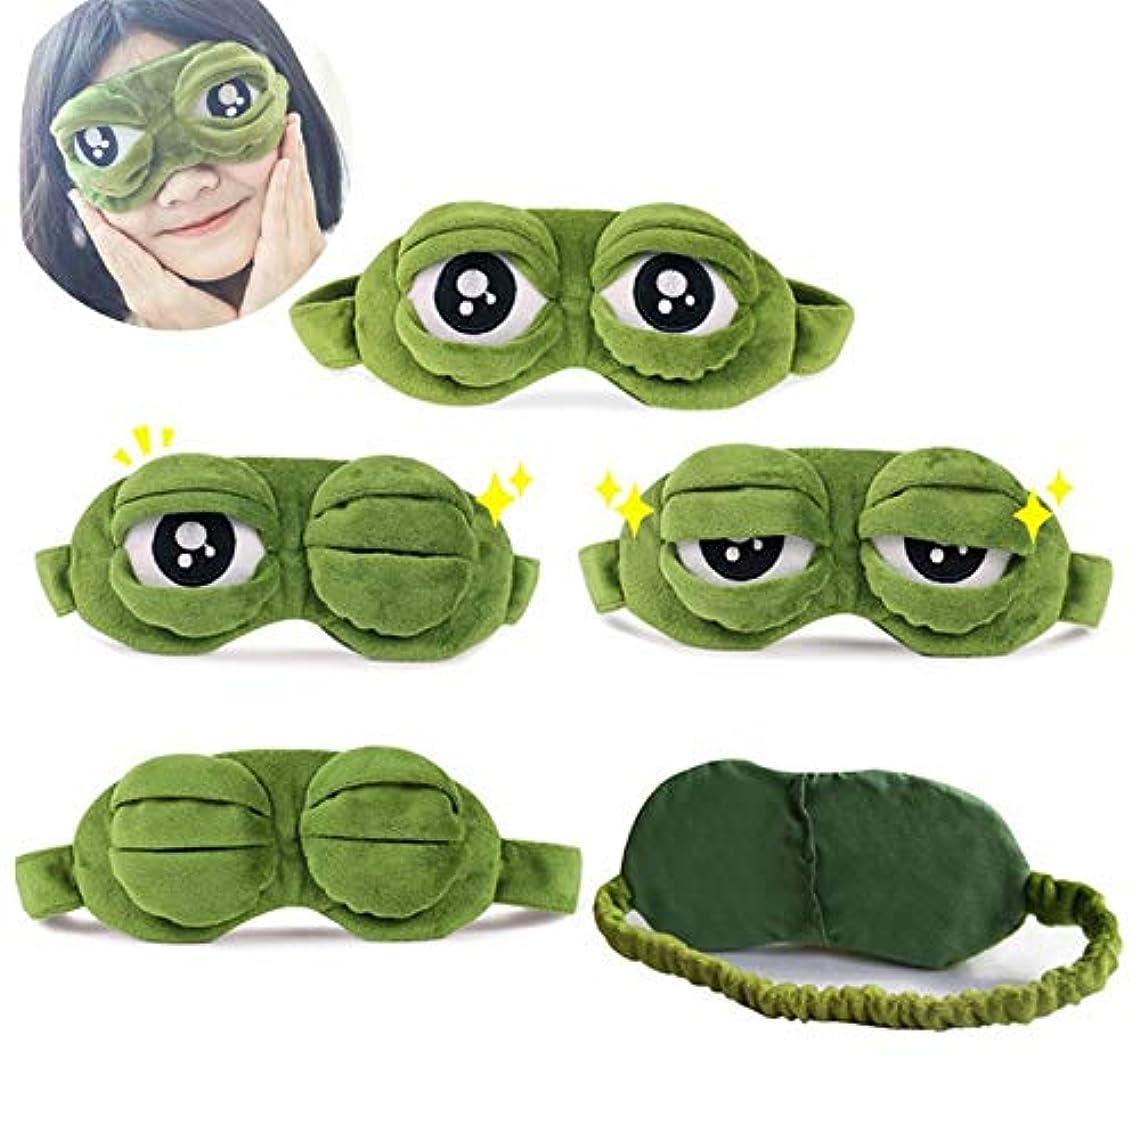 ポーズフォアマンに慣れ注かわいい目のマスクカバーぬいぐるみ悲しい3Dカエルグリーンアイマスクカバーリラックス眠り残り旅行睡眠アニメ面白いギフト美容ゴーグル